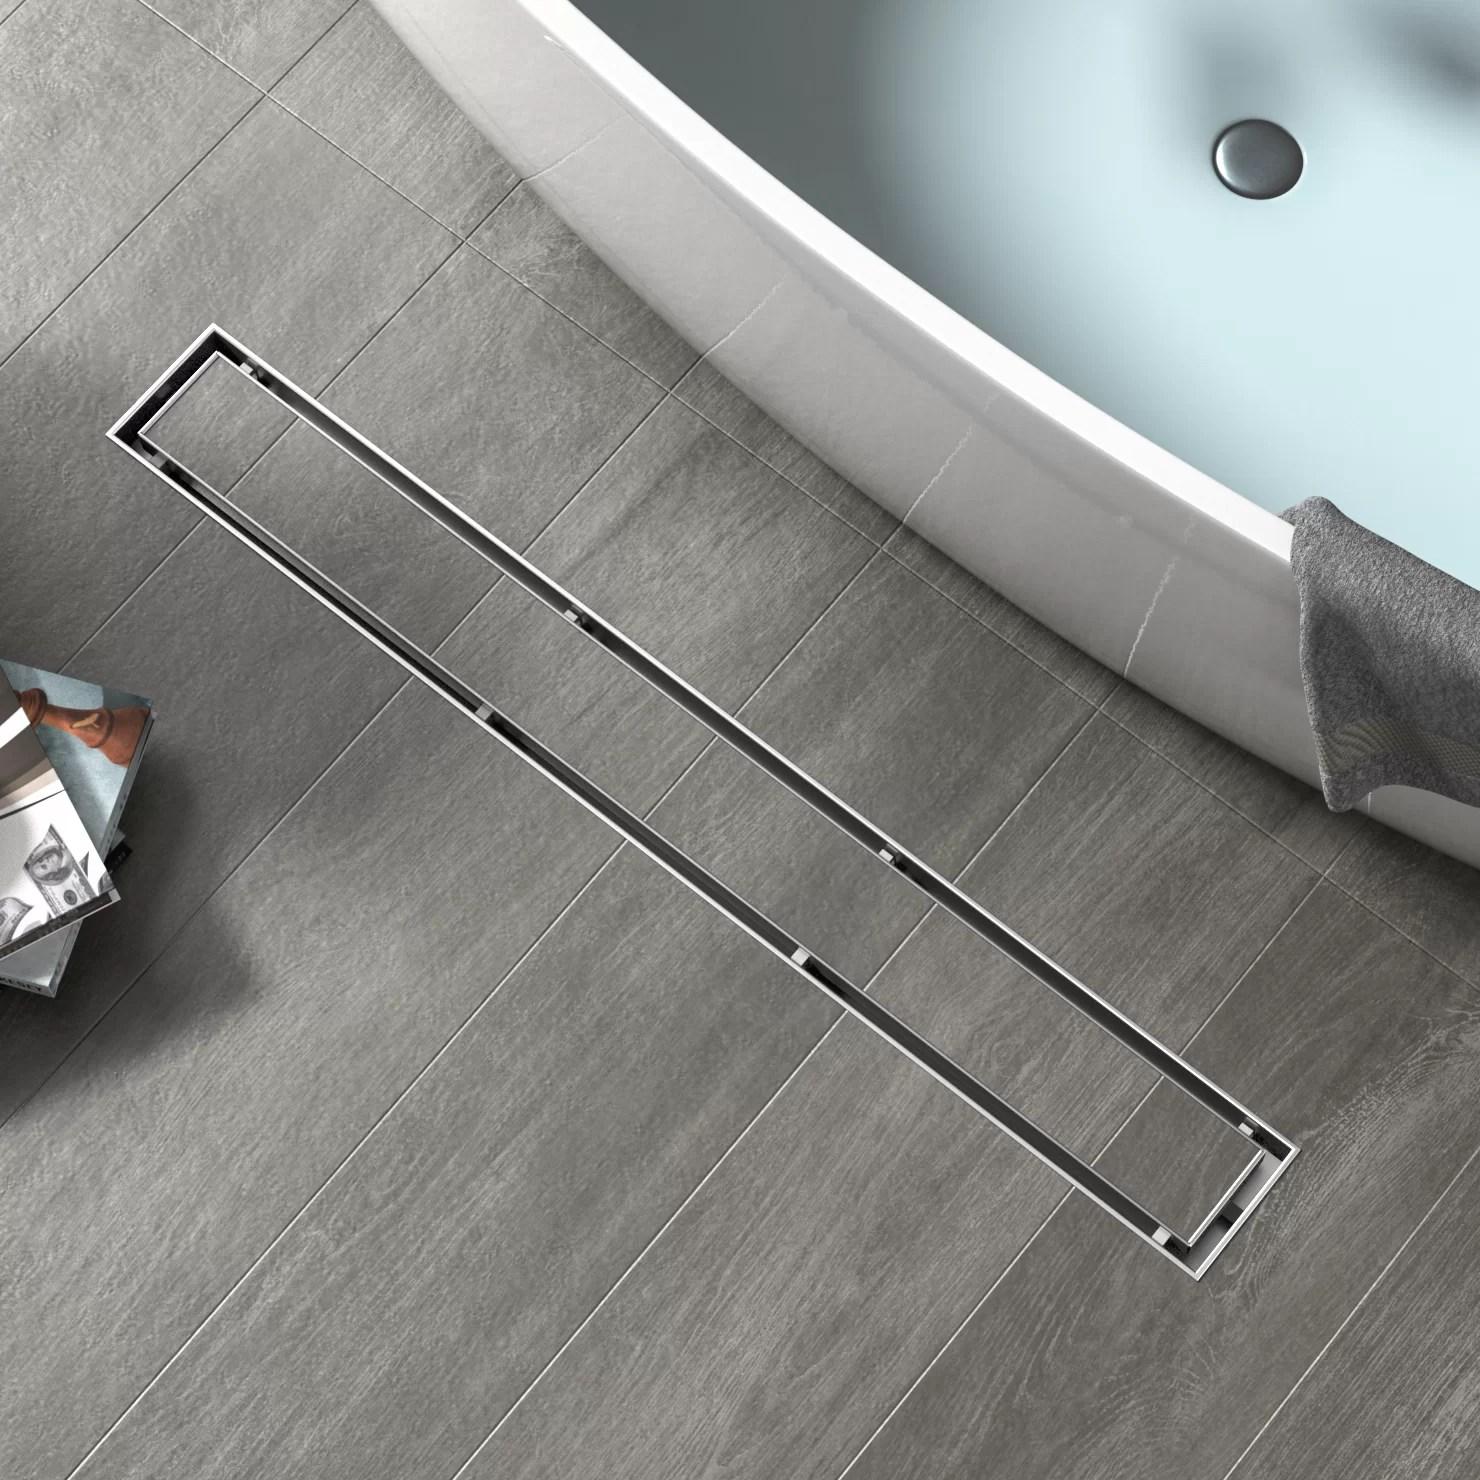 tile in shower drain